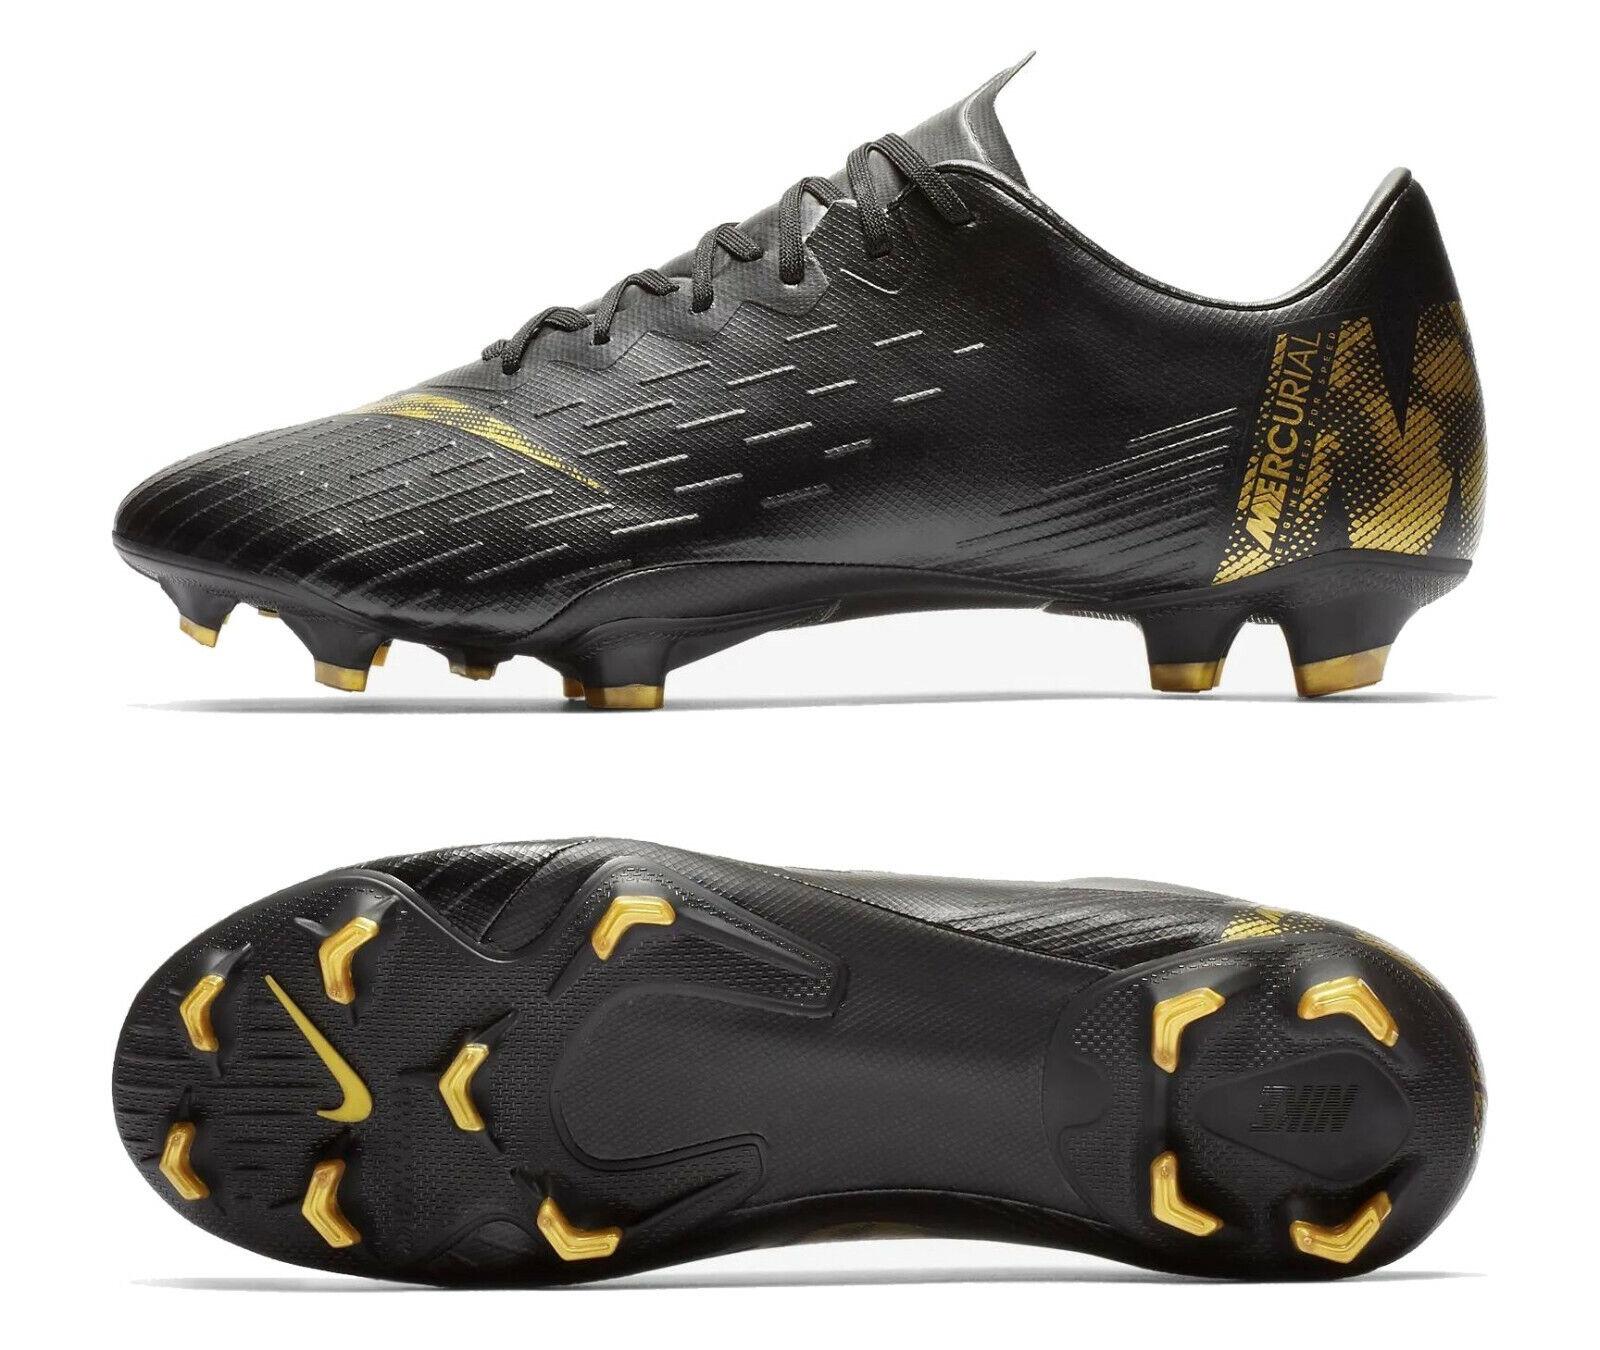 Goldene Fussballschuhe Nike Test Vergleich Goldene